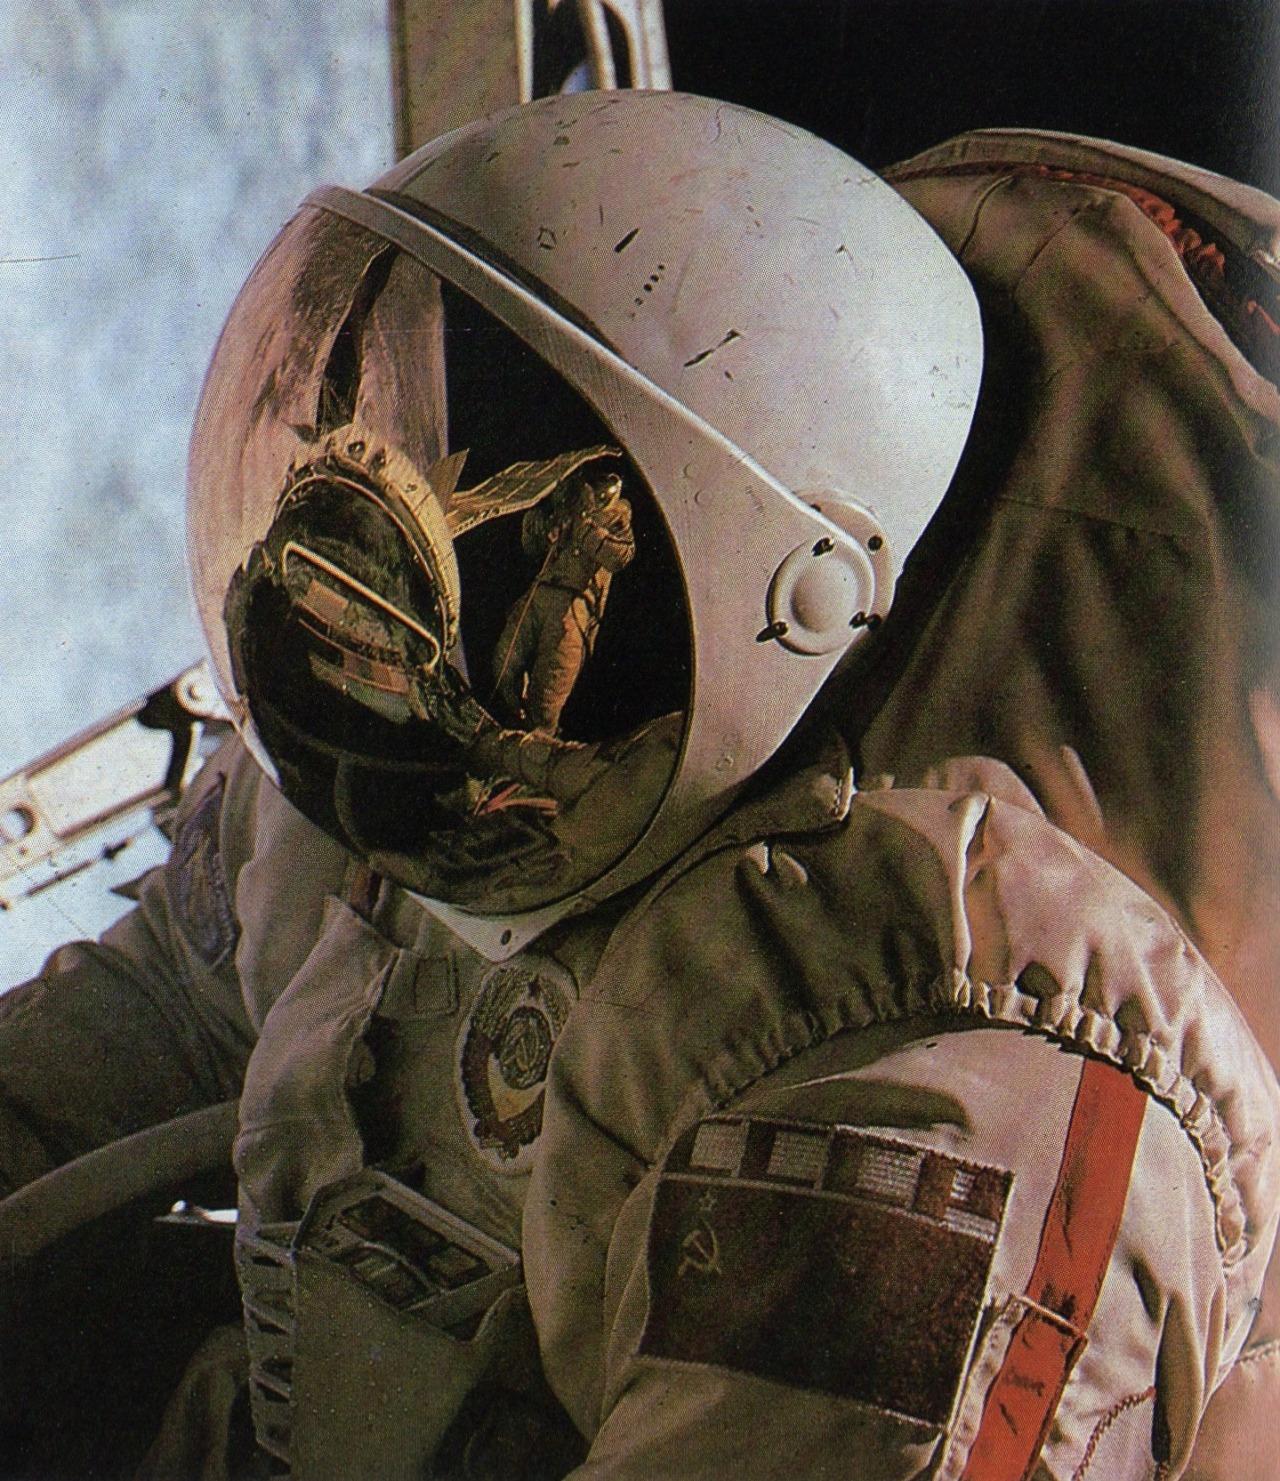 Советский космонавт в открытом космосе. (Союз-29, 1978)